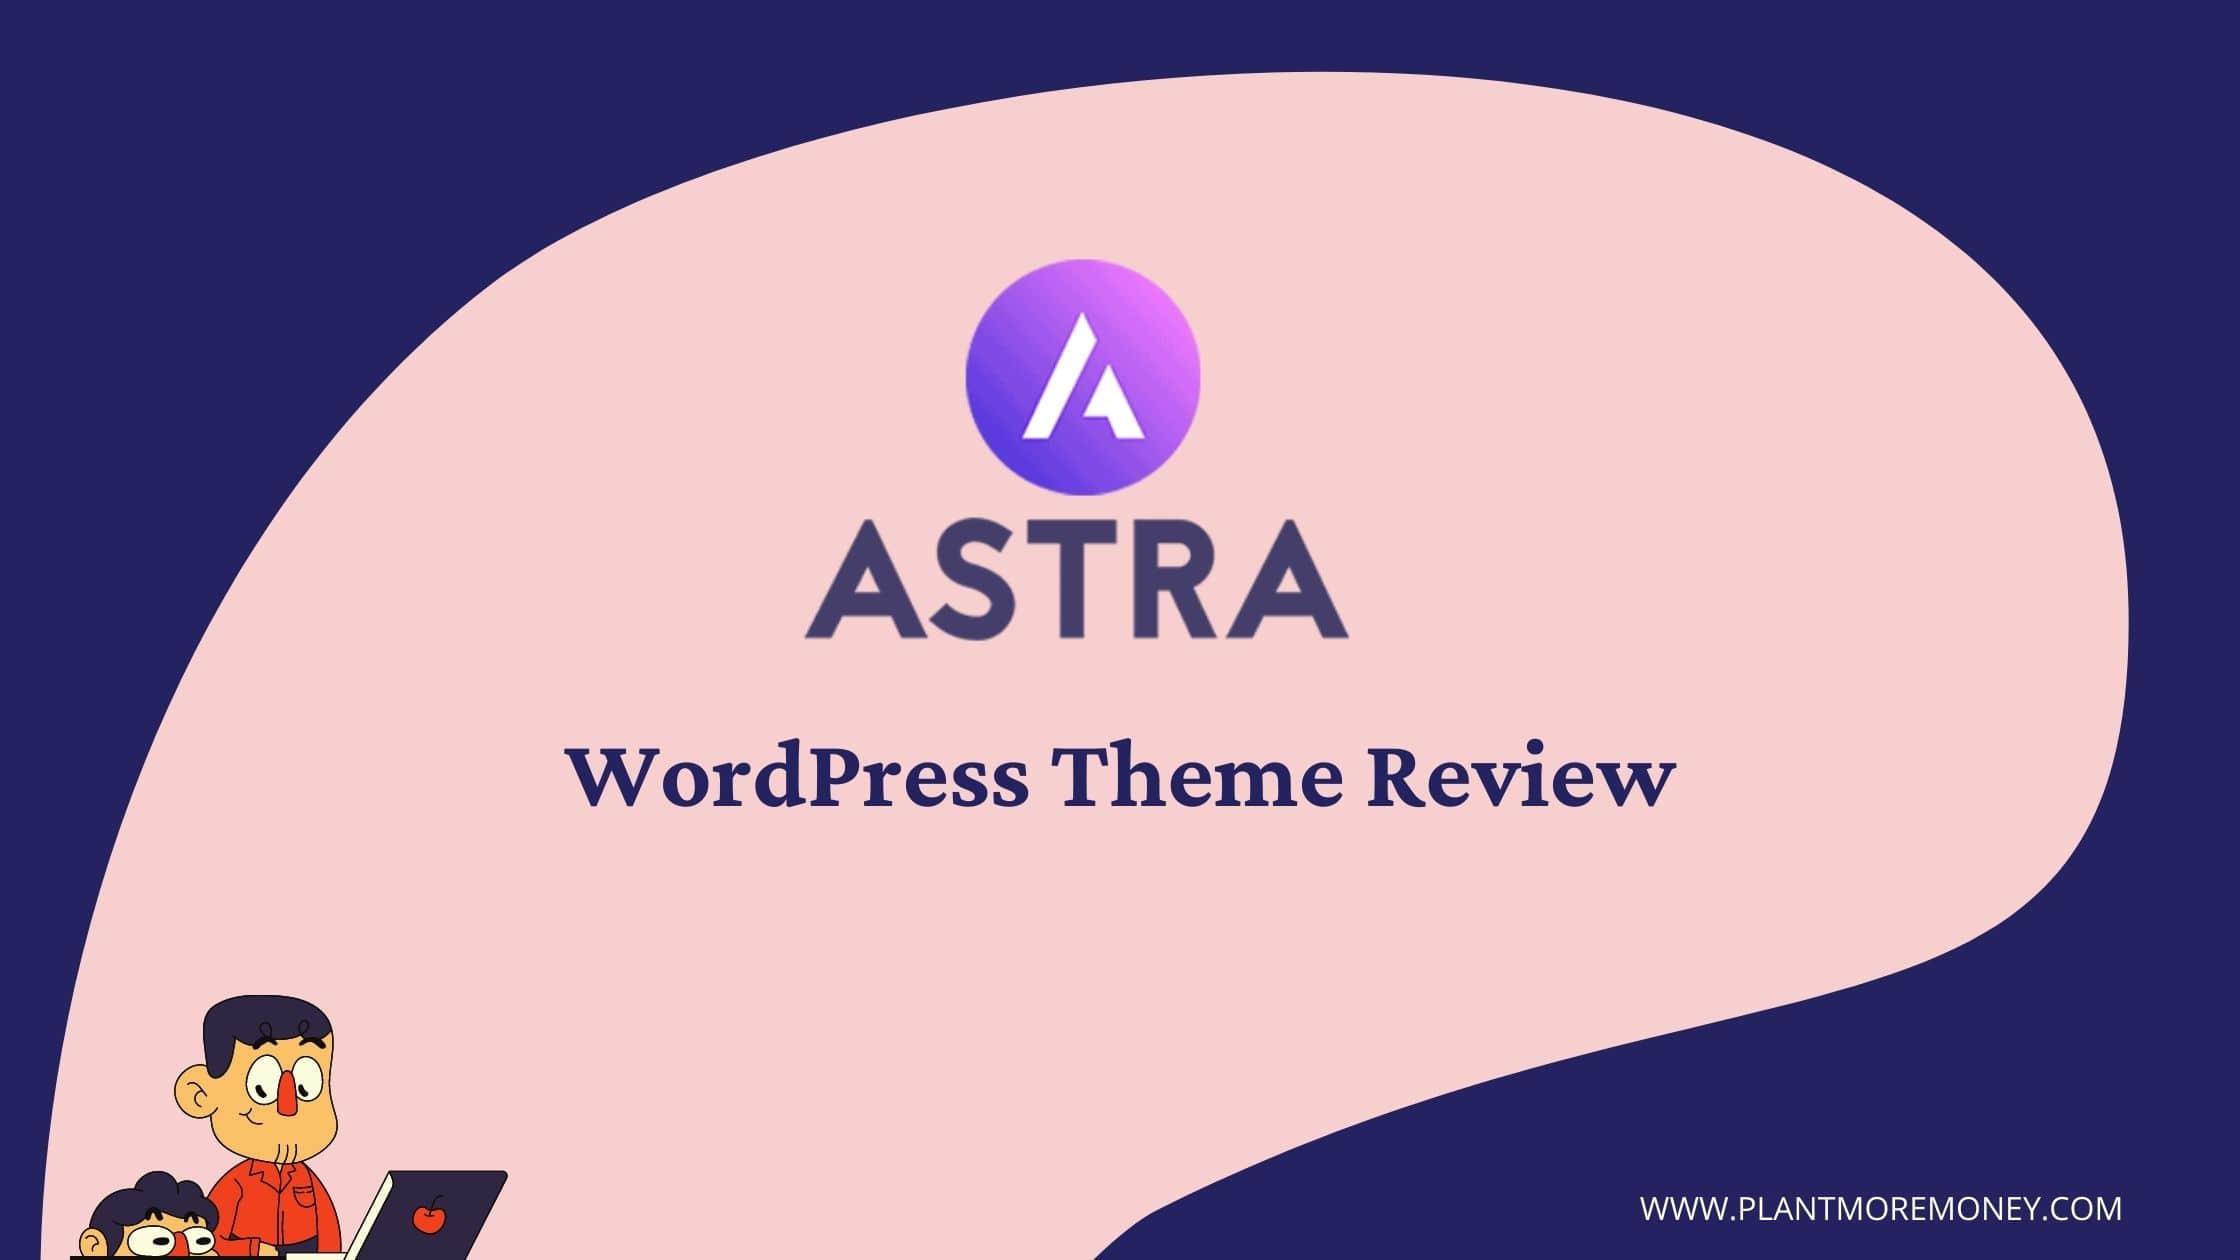 Astra WordPress Theme Review 2021